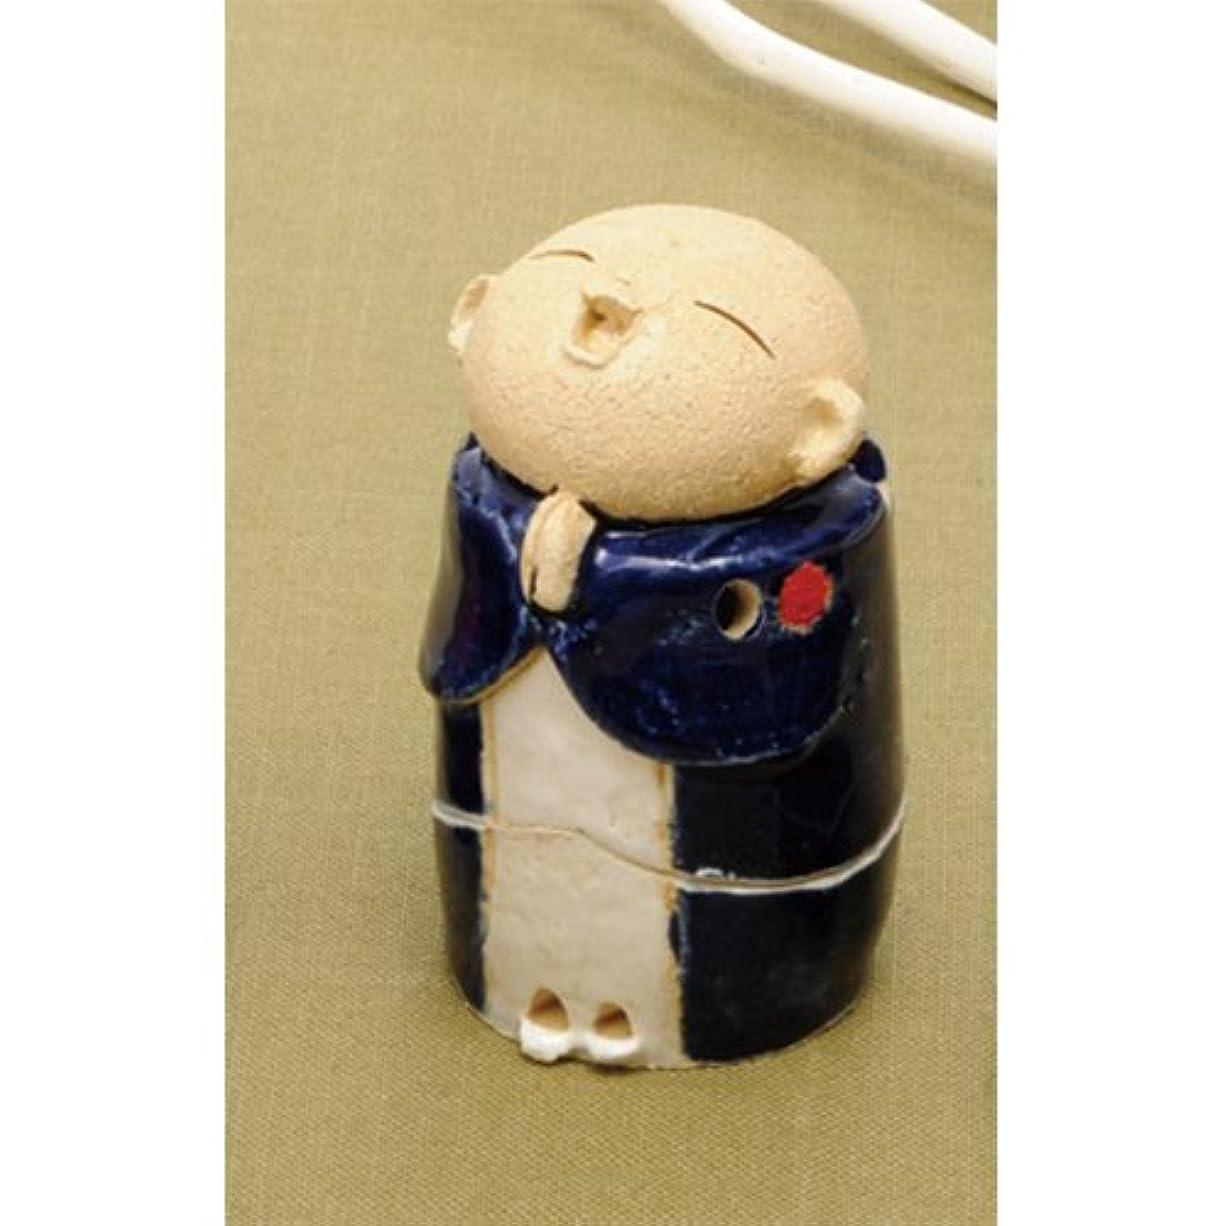 宇宙飛行士噴火手伝うお地蔵様 香炉シリーズ 青 お地蔵様 香炉 2.8寸 [H8.5cm] HANDMADE プレゼント ギフト 和食器 かわいい インテリア